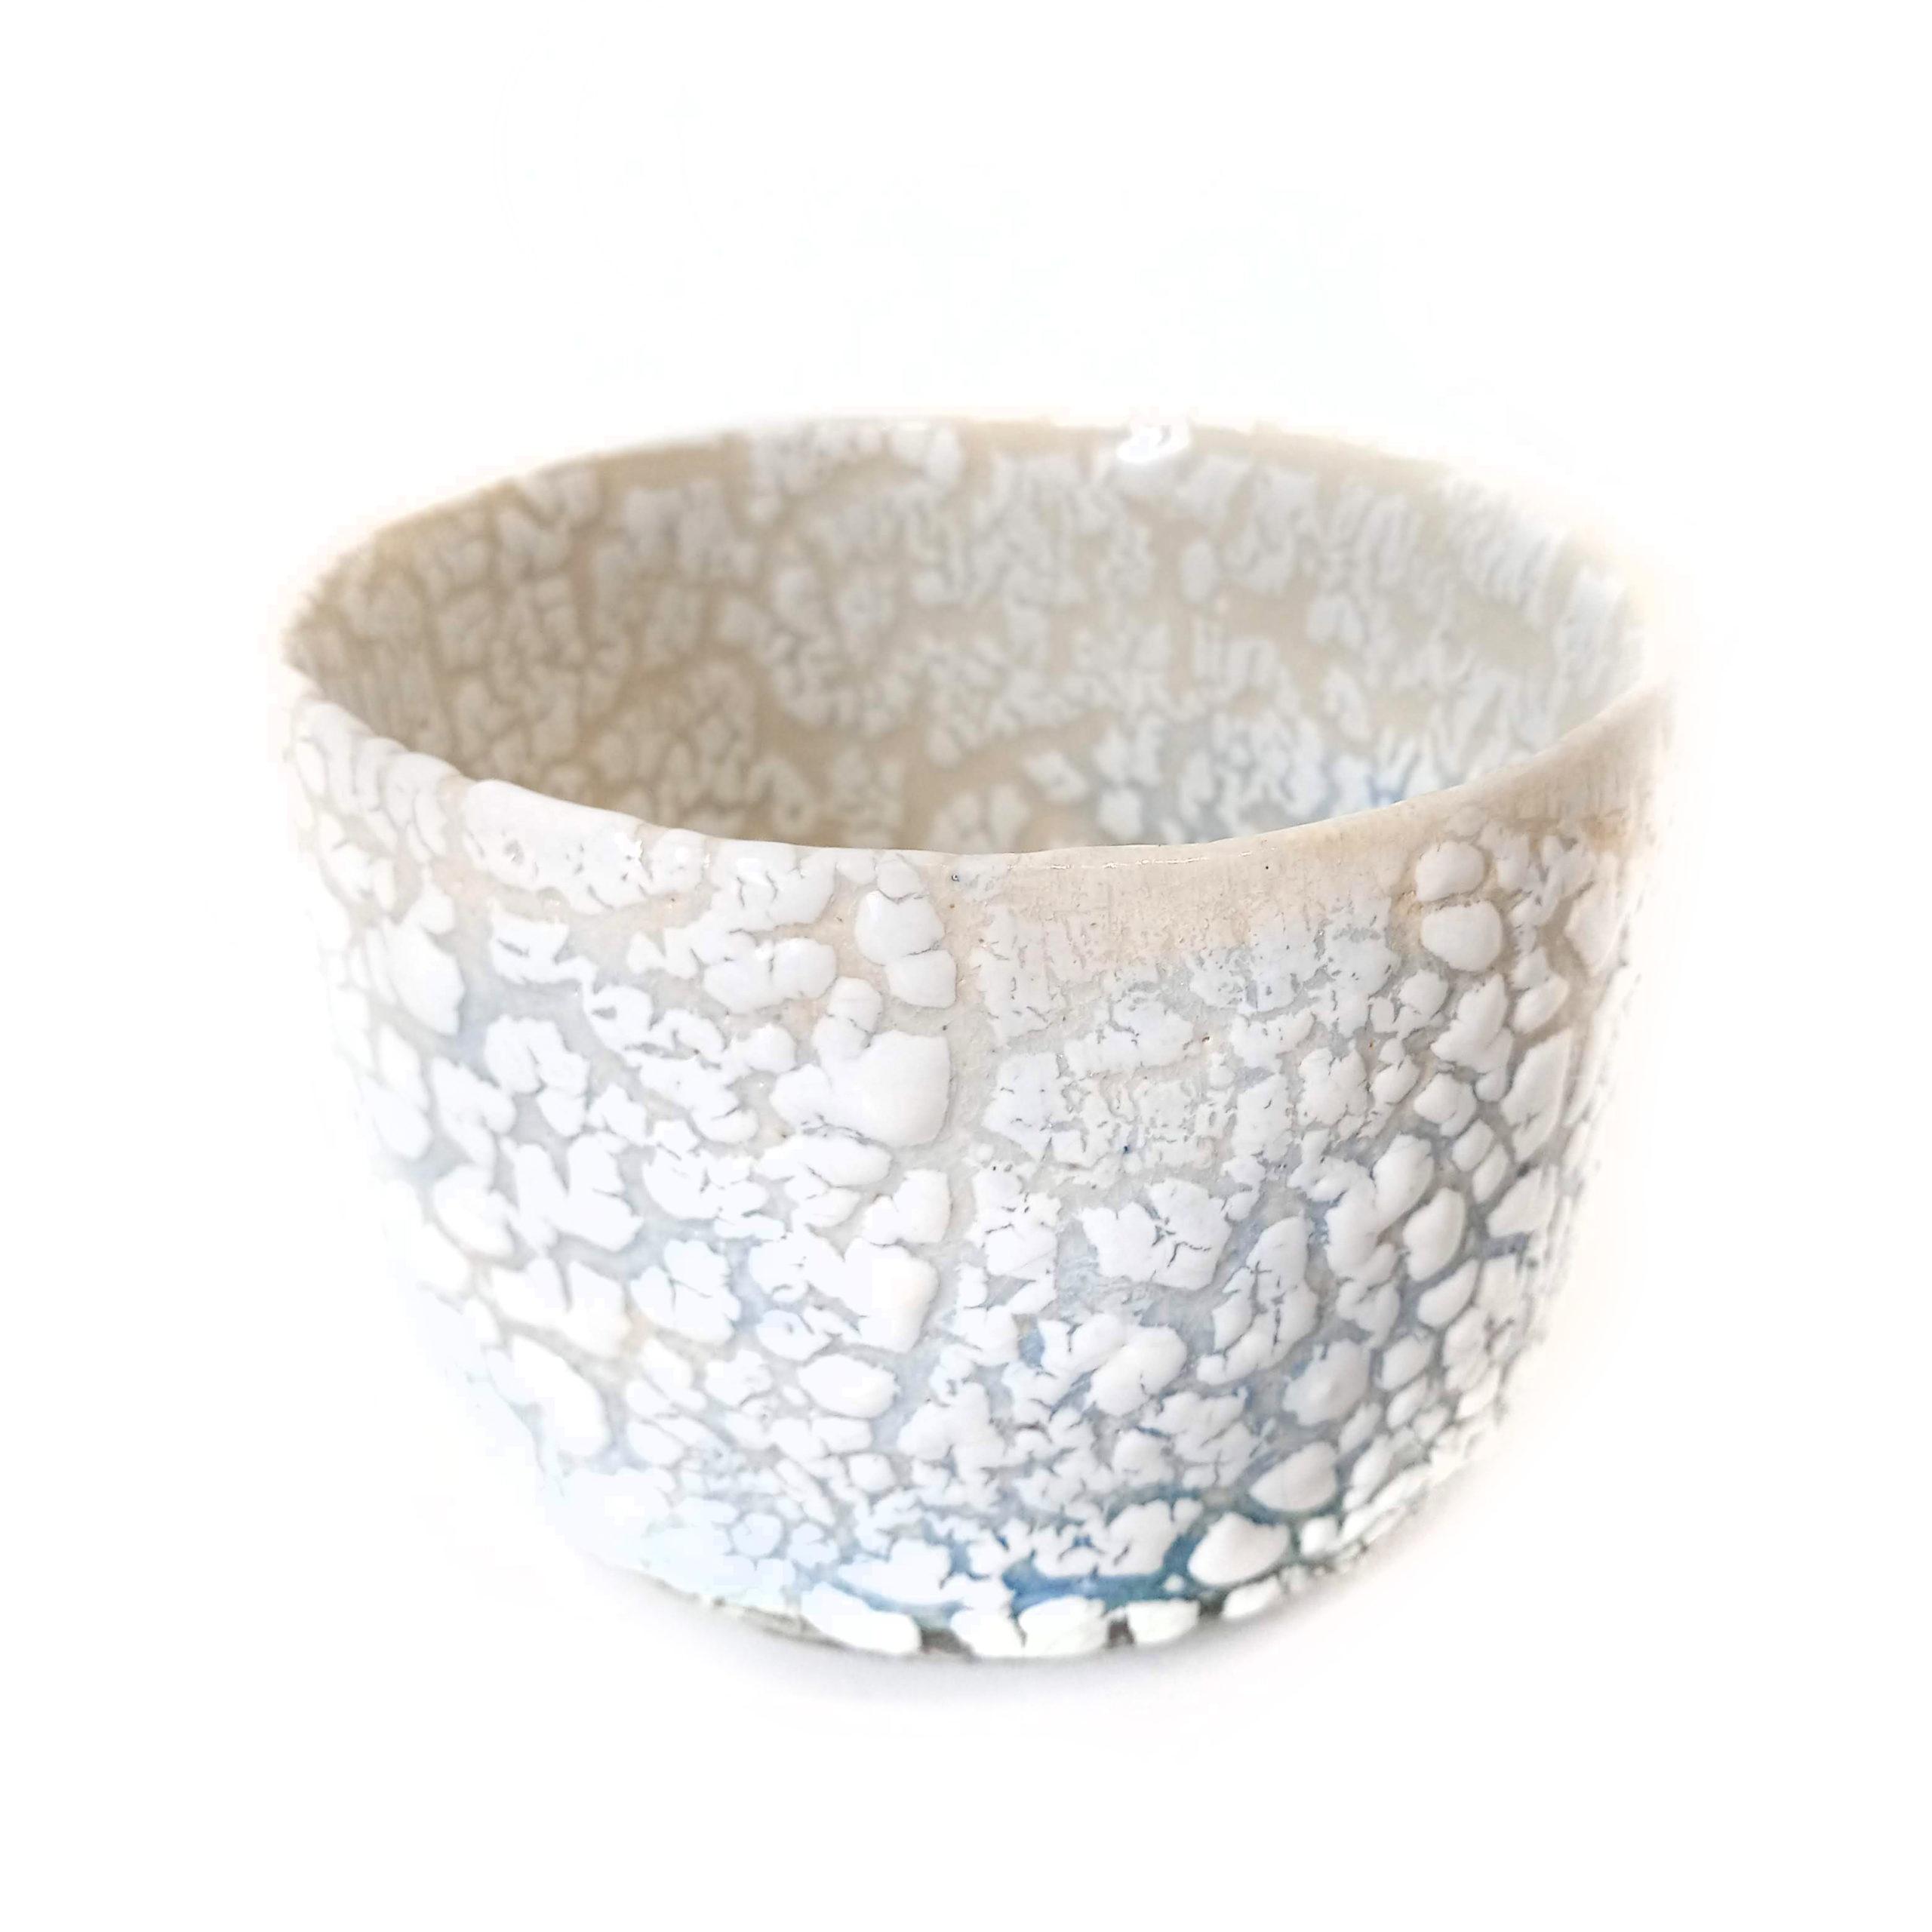 Land to sea bowl, ceramics by Susan Luker